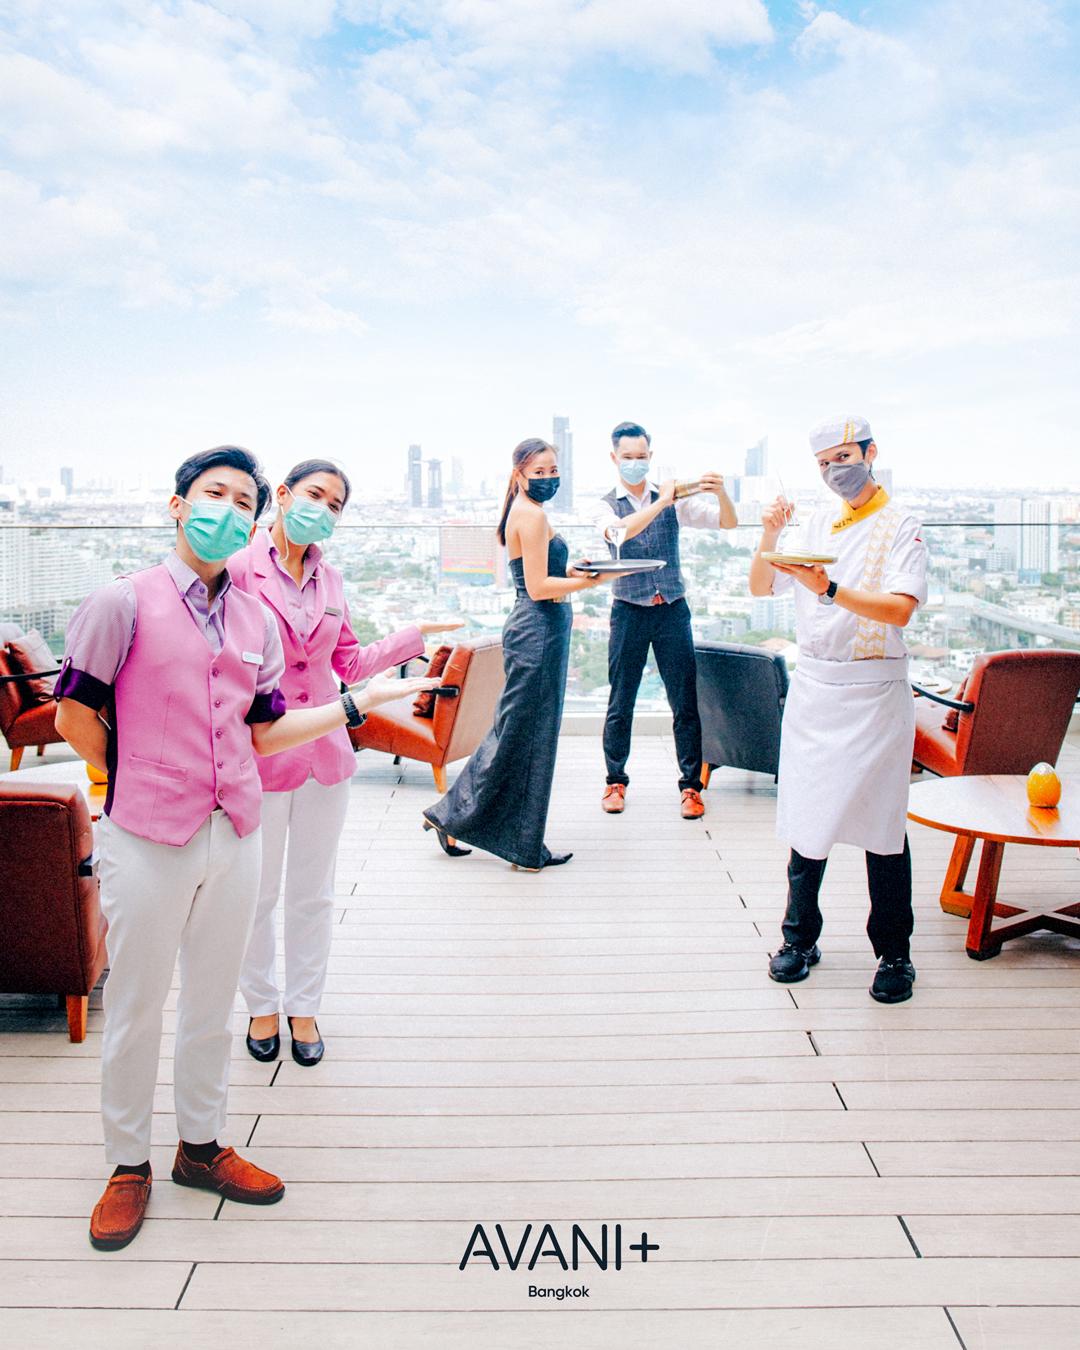 พนักงานของอนันตรา ริเวอร์ไซด์ และโรงแรมอวานี พลัส ริเวอร์ไซด์ กรุงเทพฯ  ได้รับวัคซีนโควิด-19 ครบโดส สำนักพิมพ์แม่บ้าน